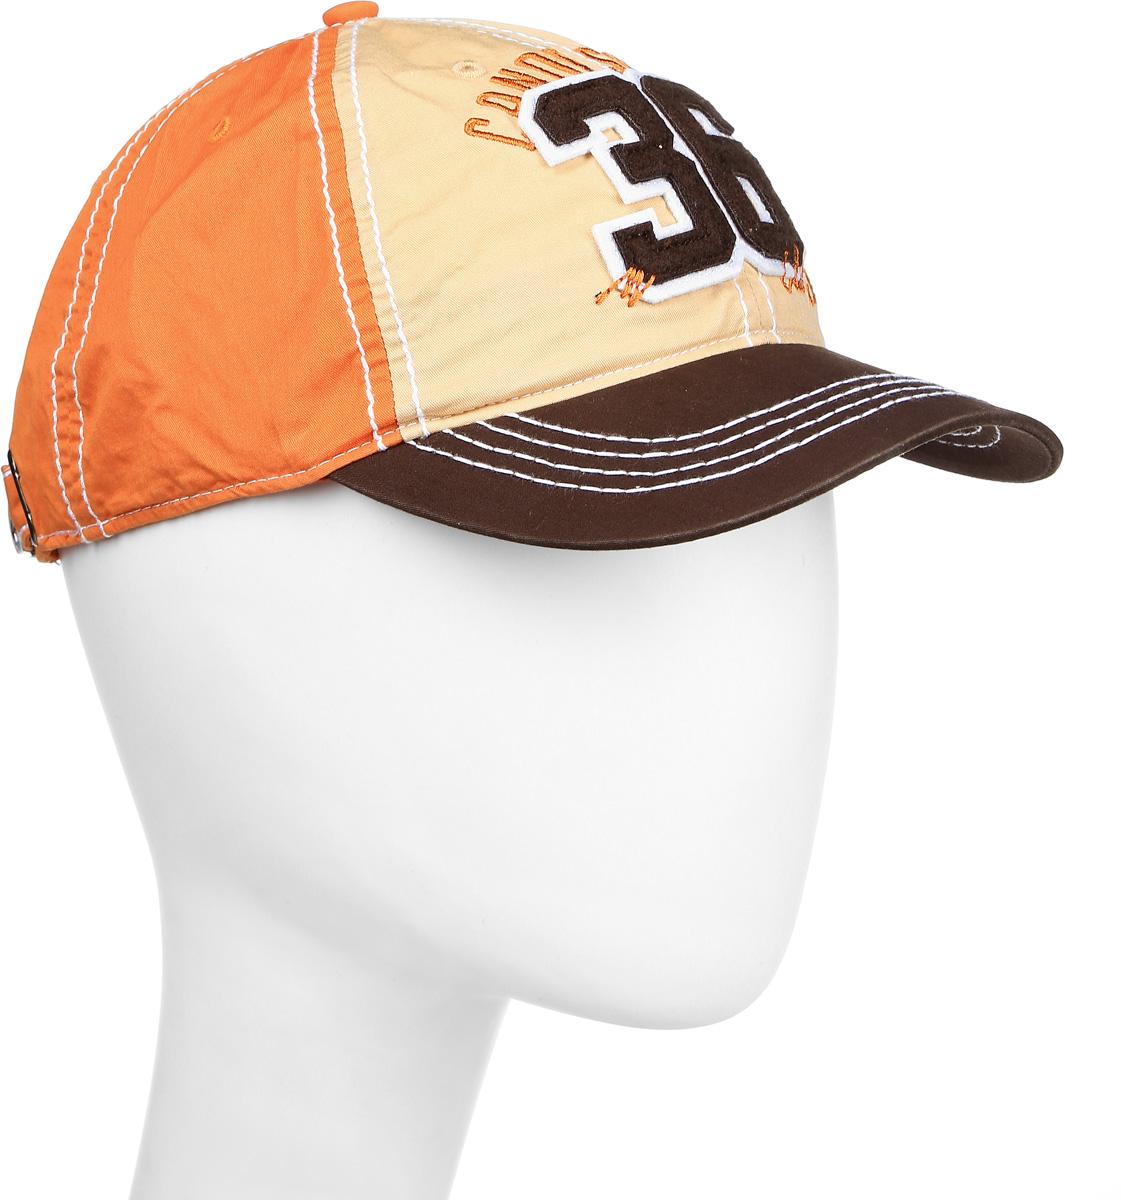 Бейсболка1962793Практичная и стильная мужская бейсболка Canoe Eol, выполненная из высококачественного хлопка, идеально подойдет для активного отдыха и обеспечит надежную защиту головы от солнца. Она имеет перфорацию, обеспечивающую необходимую вентиляцию. Спереди бейсболка оформлена нашивкой из мягкого текстильного материала в виде цифр 36 и надписью Canoe Sport. Бейсболка украшена декоративной отстрочкой и вставками контрастного цвета. Объем изделия регулируется ремешком на удобной стальной защелке, украшенной декоративными вырубками. Такая бейсболка станет отличным аксессуаром для занятий спортом или дополнит ваш повседневный образ.